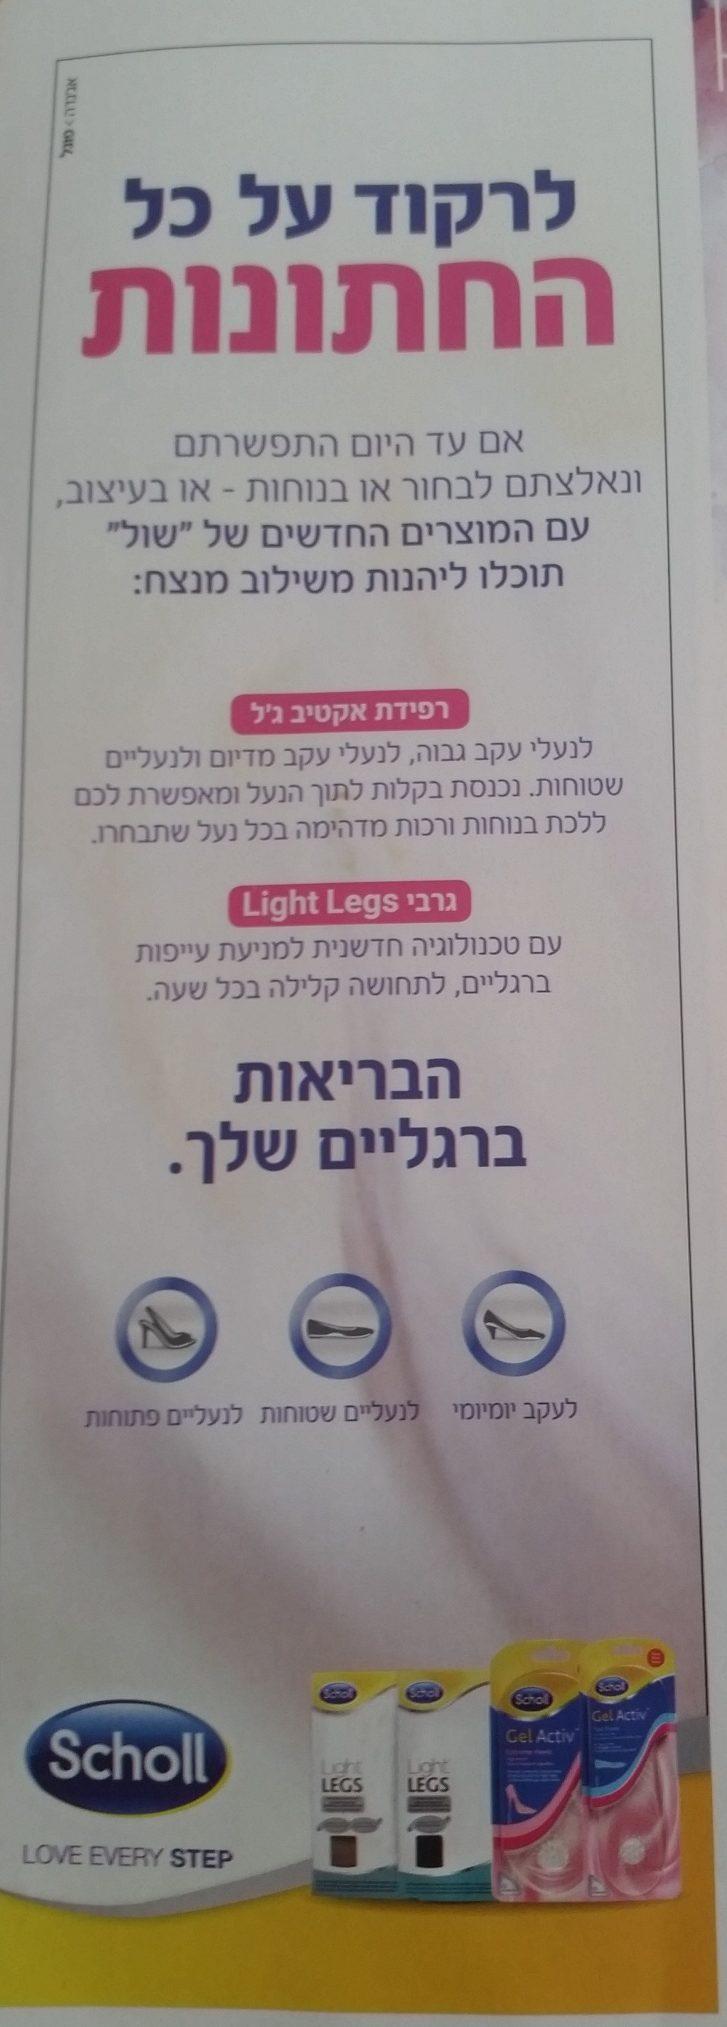 המבקר בפעולה #15: איך מפרסמים נעליים לנשים? 2